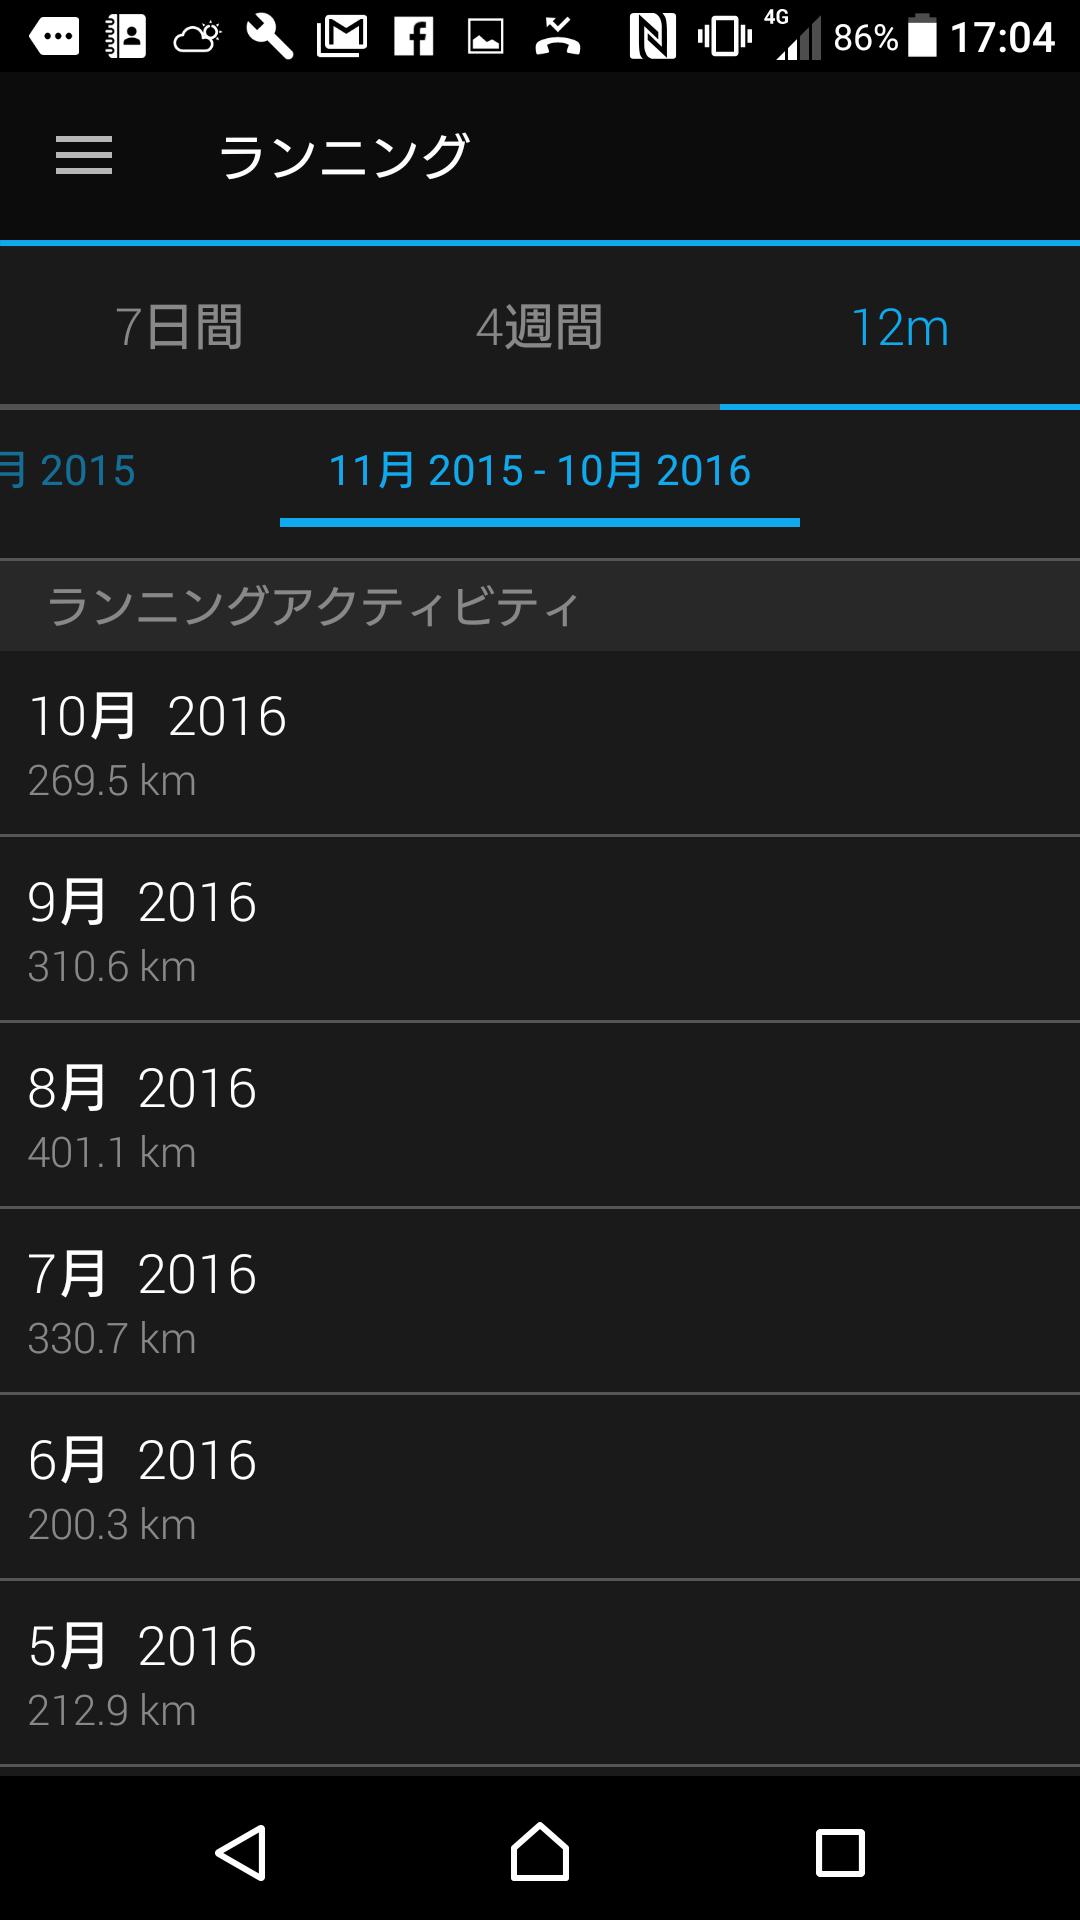 大阪マラソンランナー受付終了しました!_c0105280_18012761.png